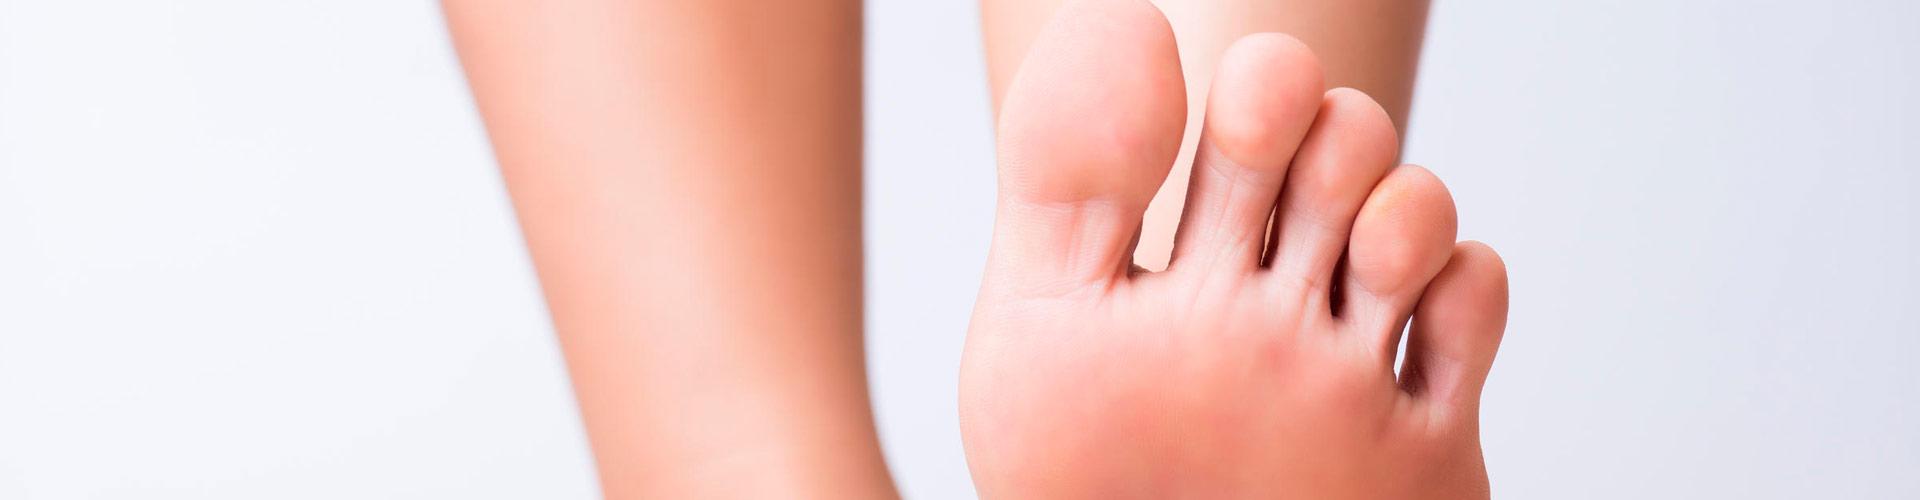 Tratamiento patología del pie